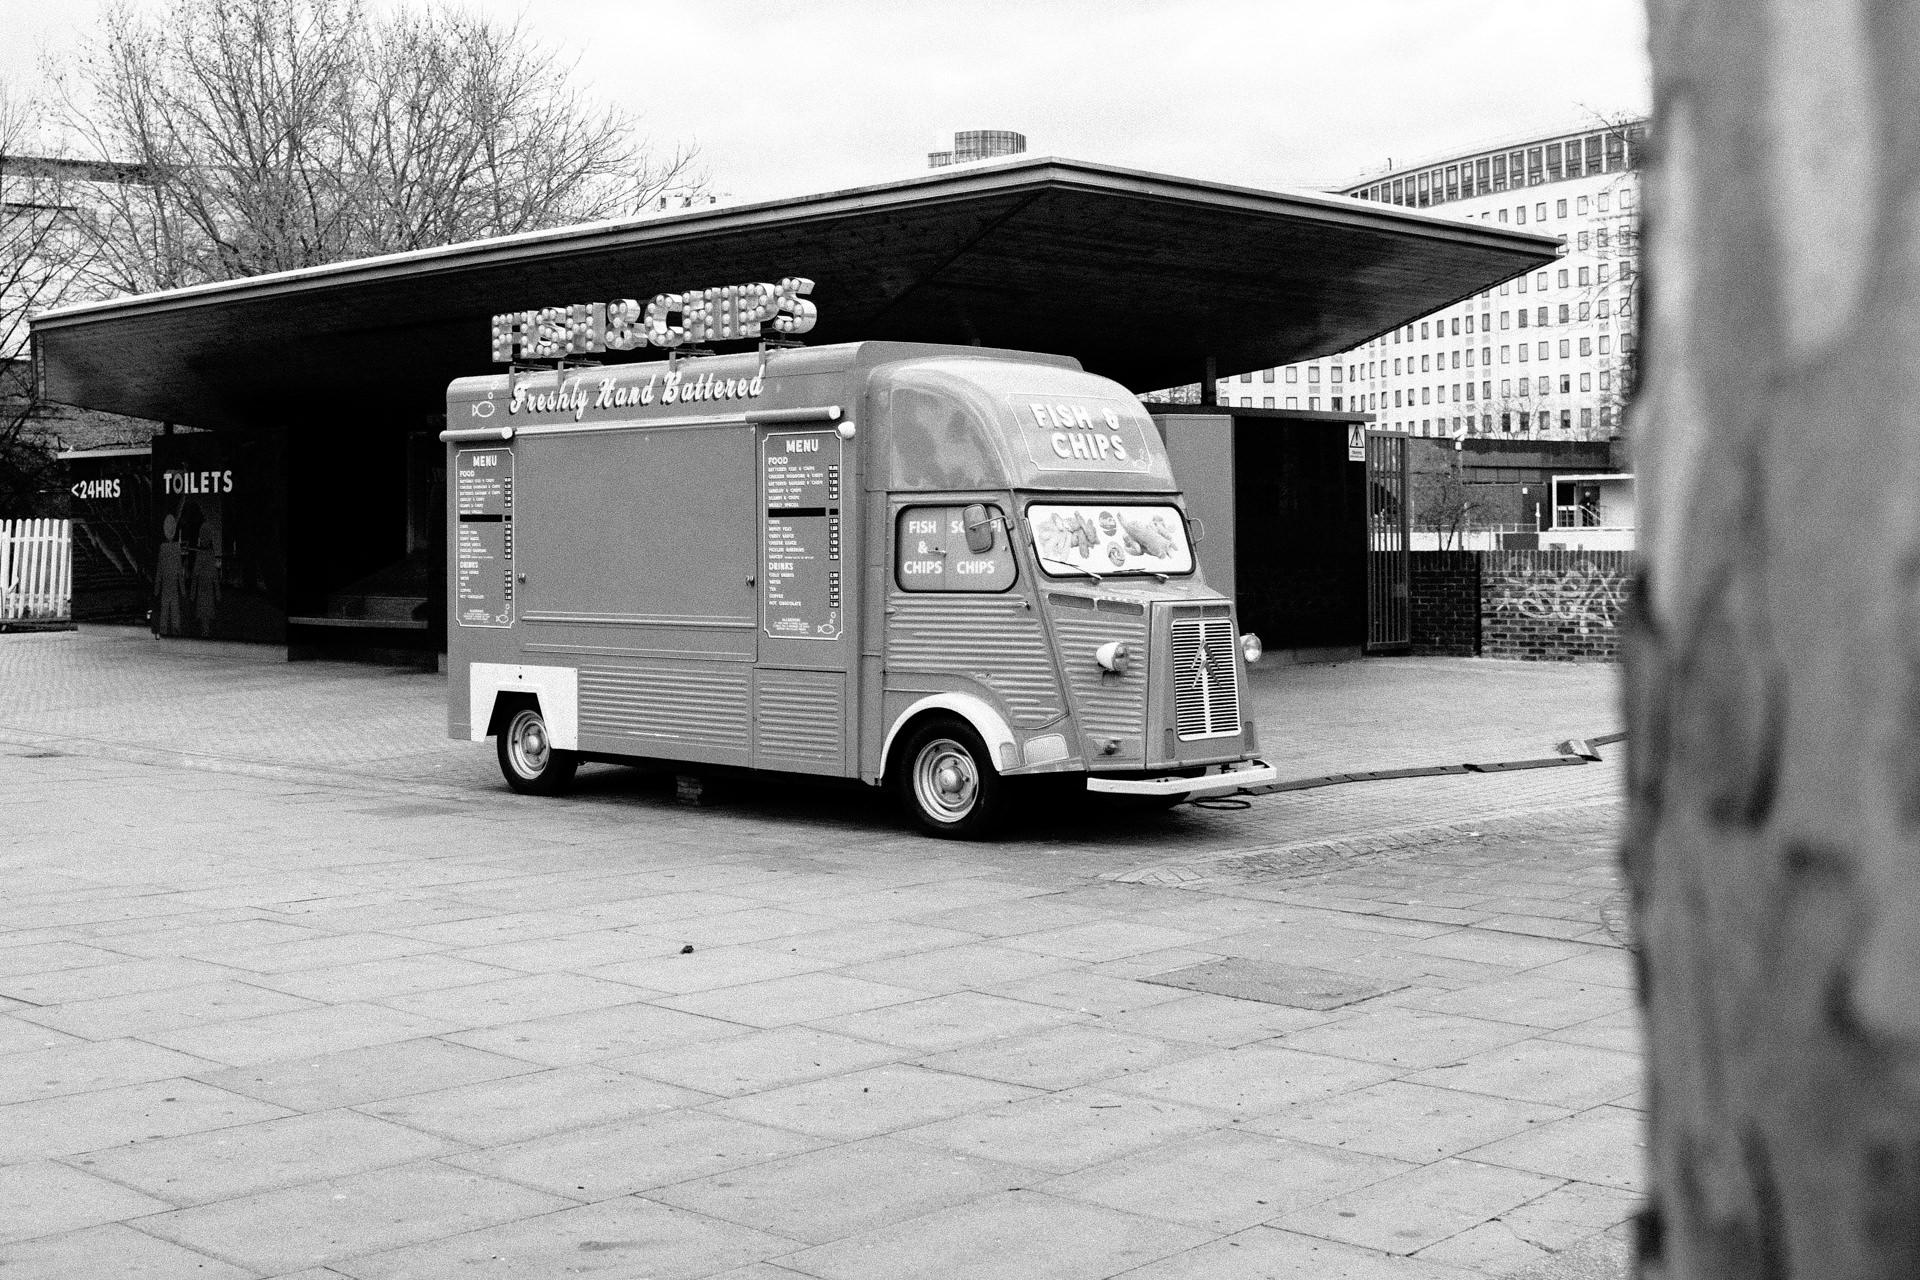 closed street food van in black and white